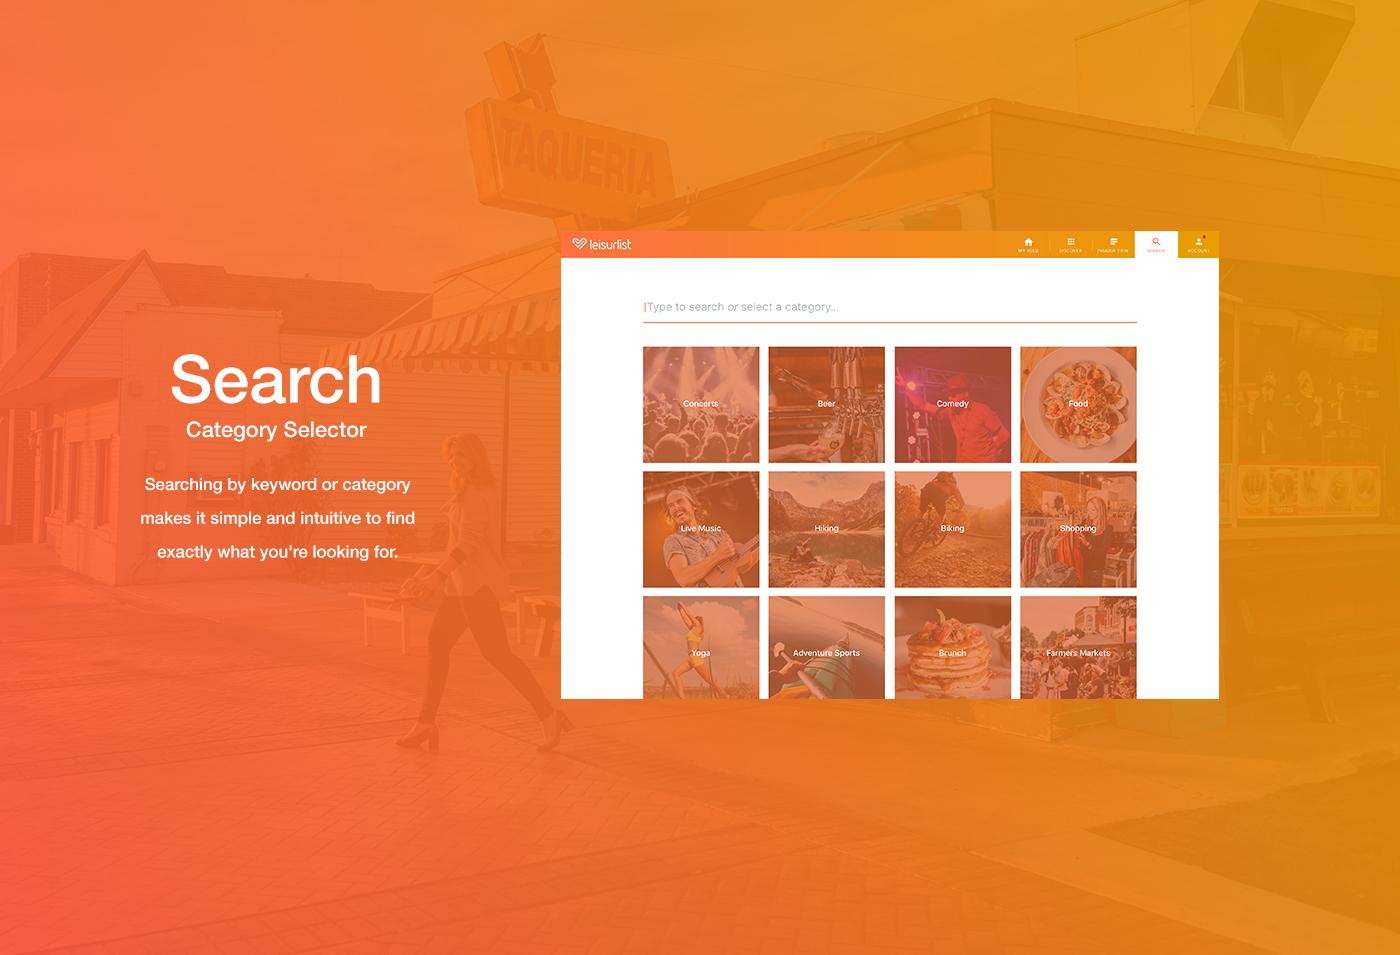 Leisurlist Search